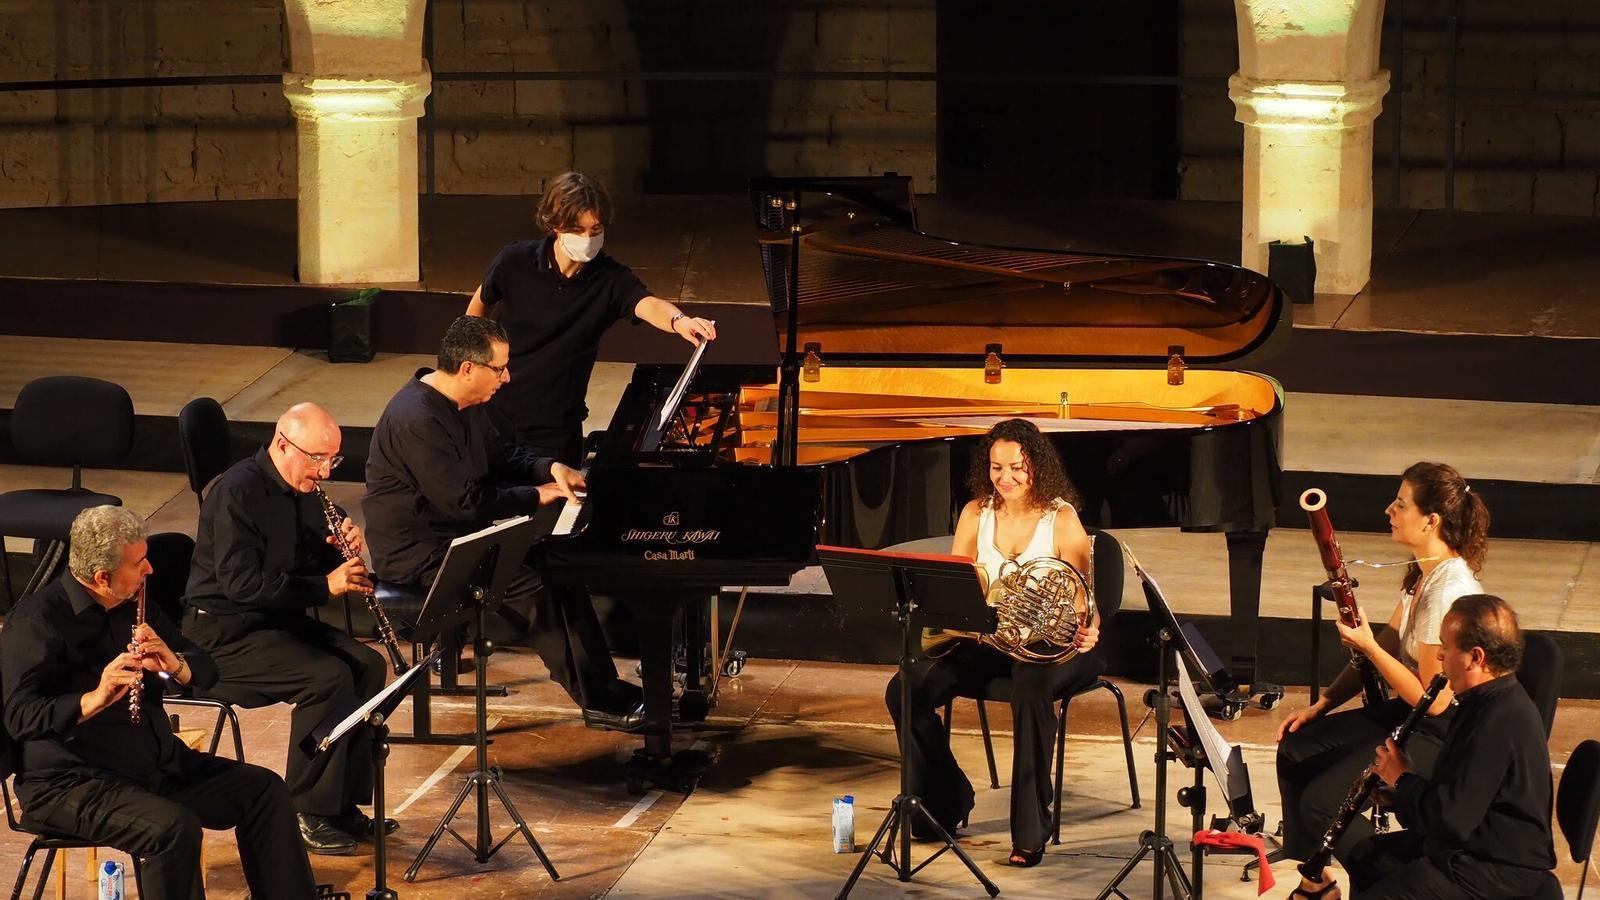 La Simfònica actuarà aquest cap de setmana al Castell de Bellver de Palma, al Castell de Sant Antoni de Fornells i a l'Església Nova de Son Servera